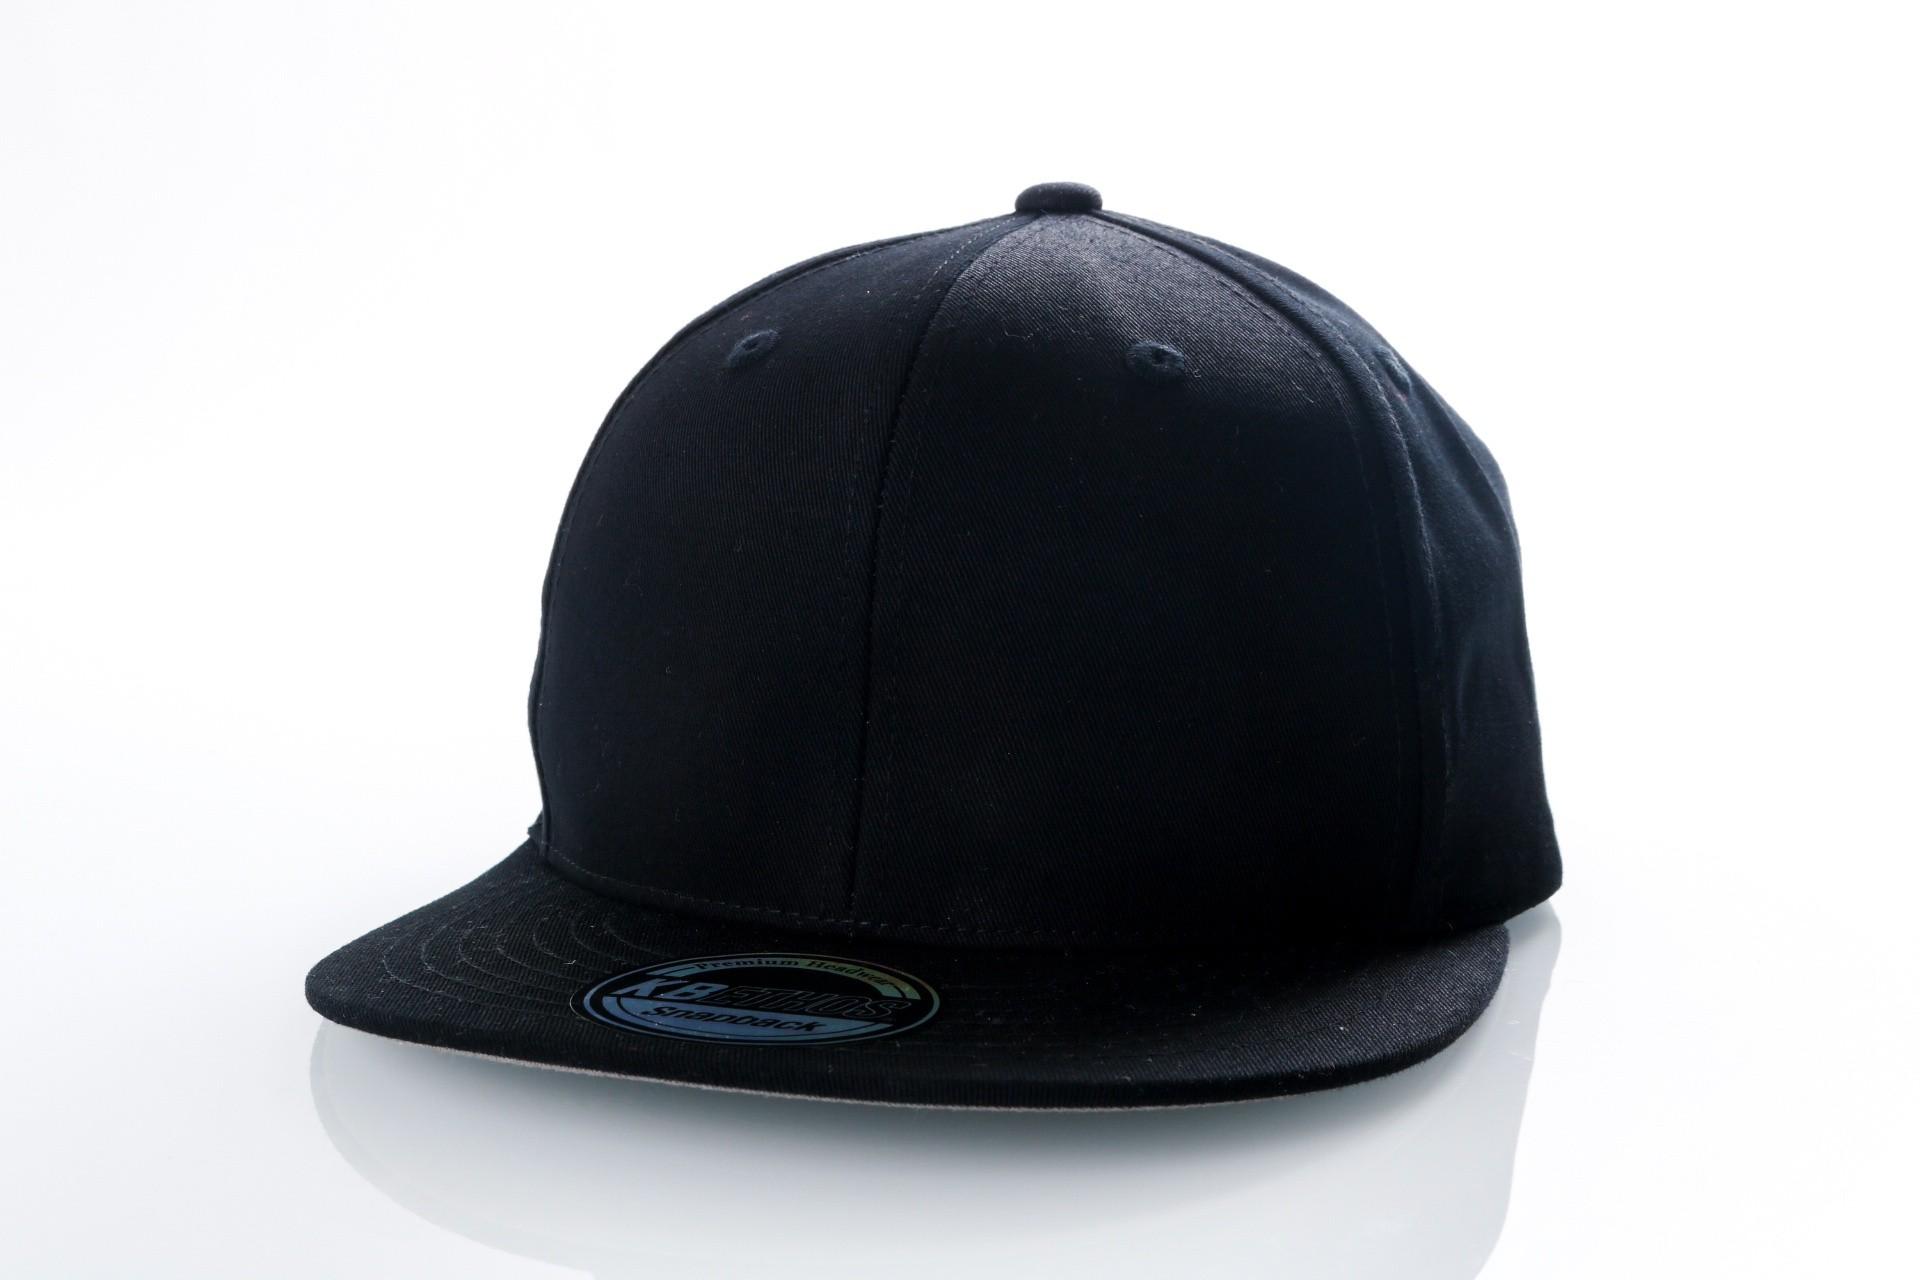 Foto van Ethos Basic snap KNW-1467 black KNW-1467 dad cap black